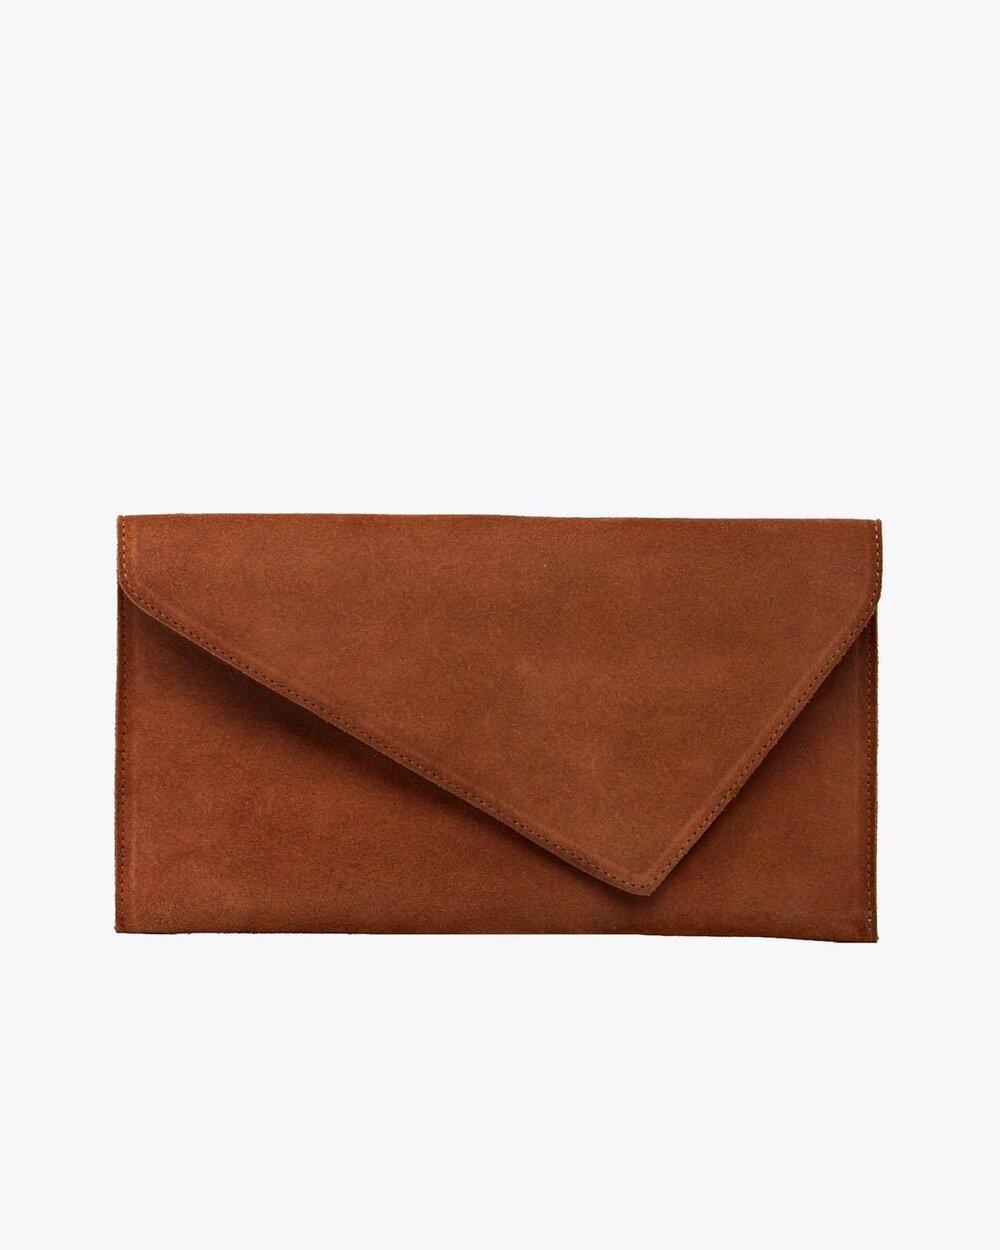 nisolo-luisa-clutch-nutmeg-leather-clutch-nisolo-129900_1500x-min.jpg